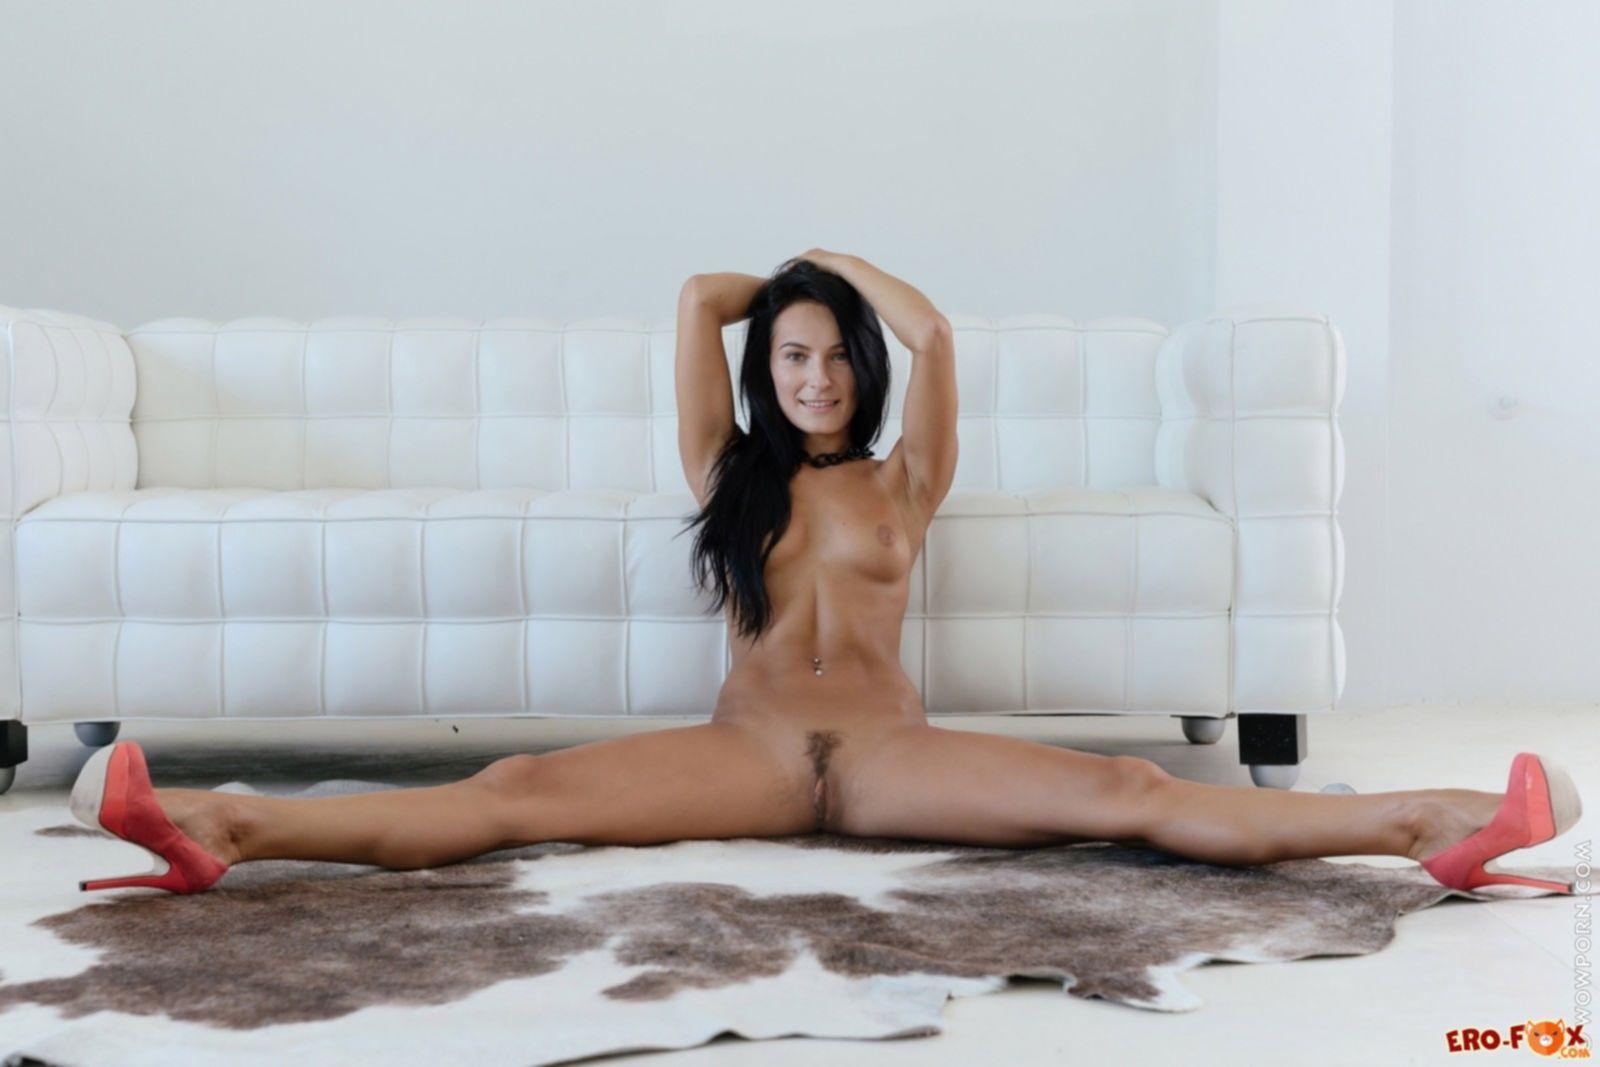 Голая девушка со спортивным телом - фото